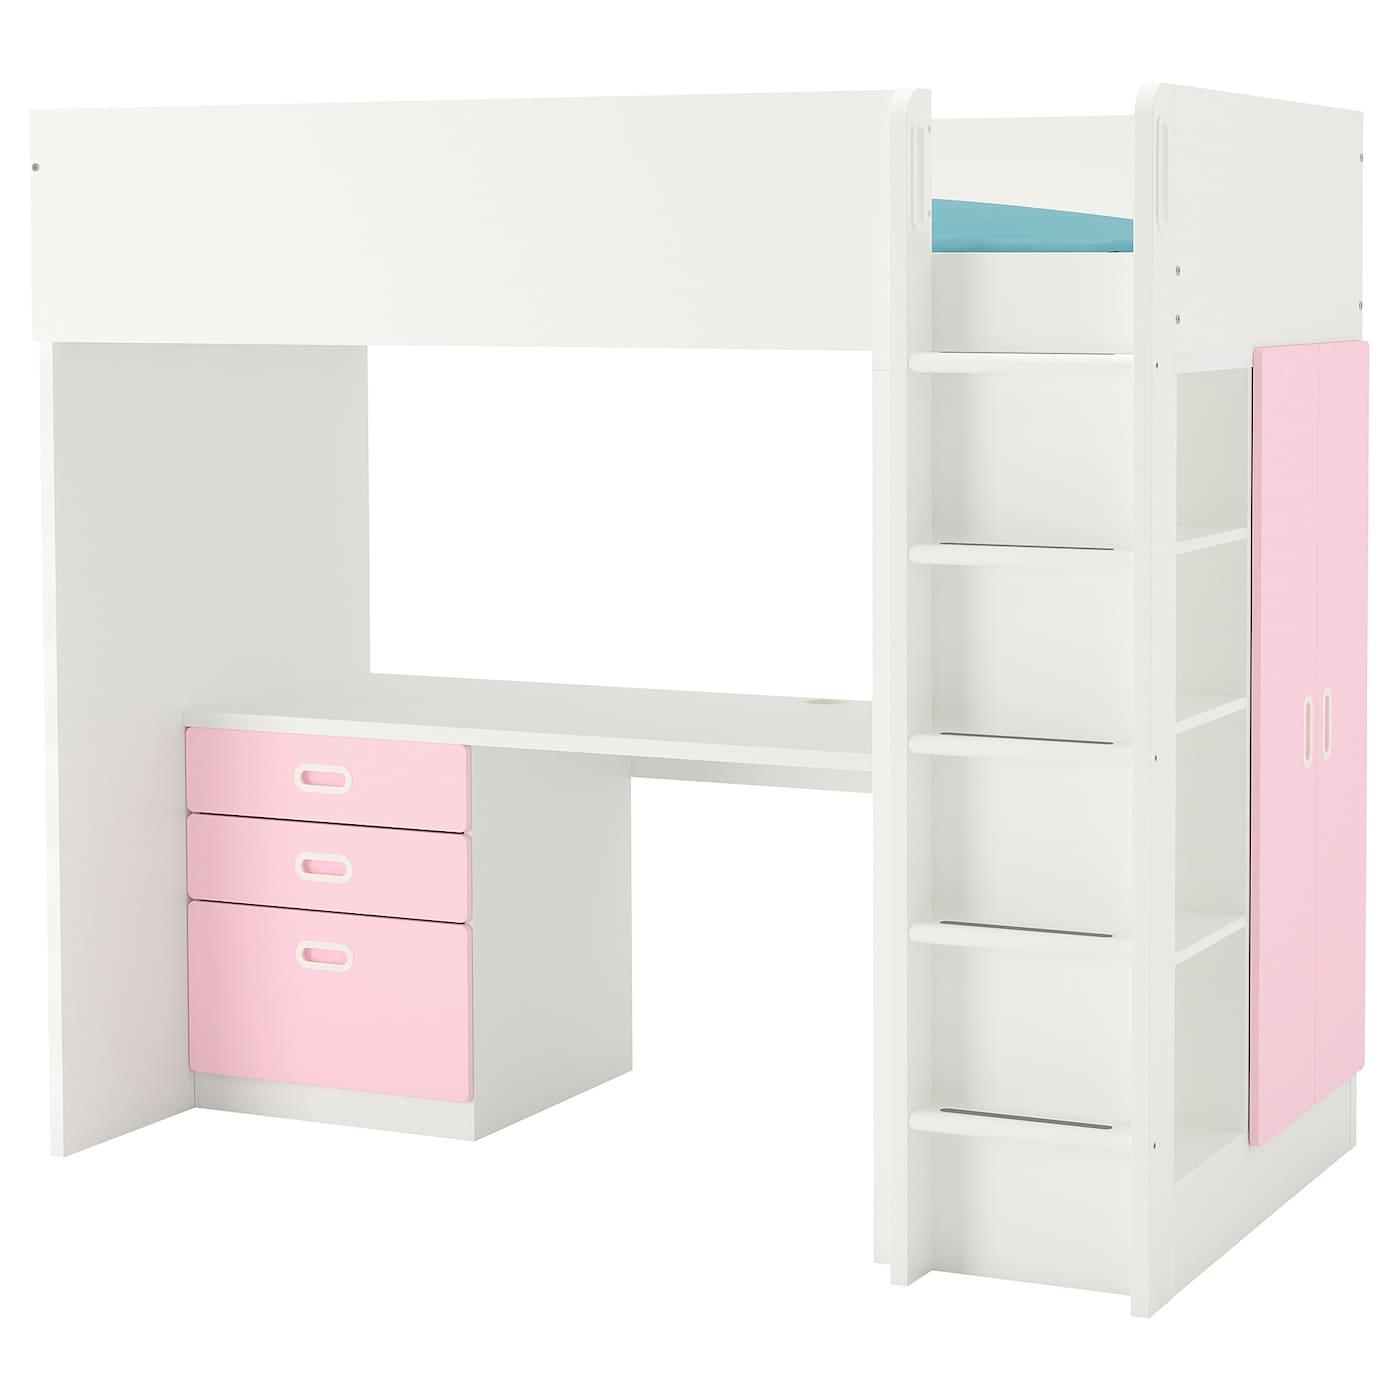 IKEA STUVA biało-jasnoróżowa kombinacja ramy łóżka na antresoli z biurkiem, komodą z trzema szufladami i szafką z parą drzwi FRITIDS, 207x99x182 cm